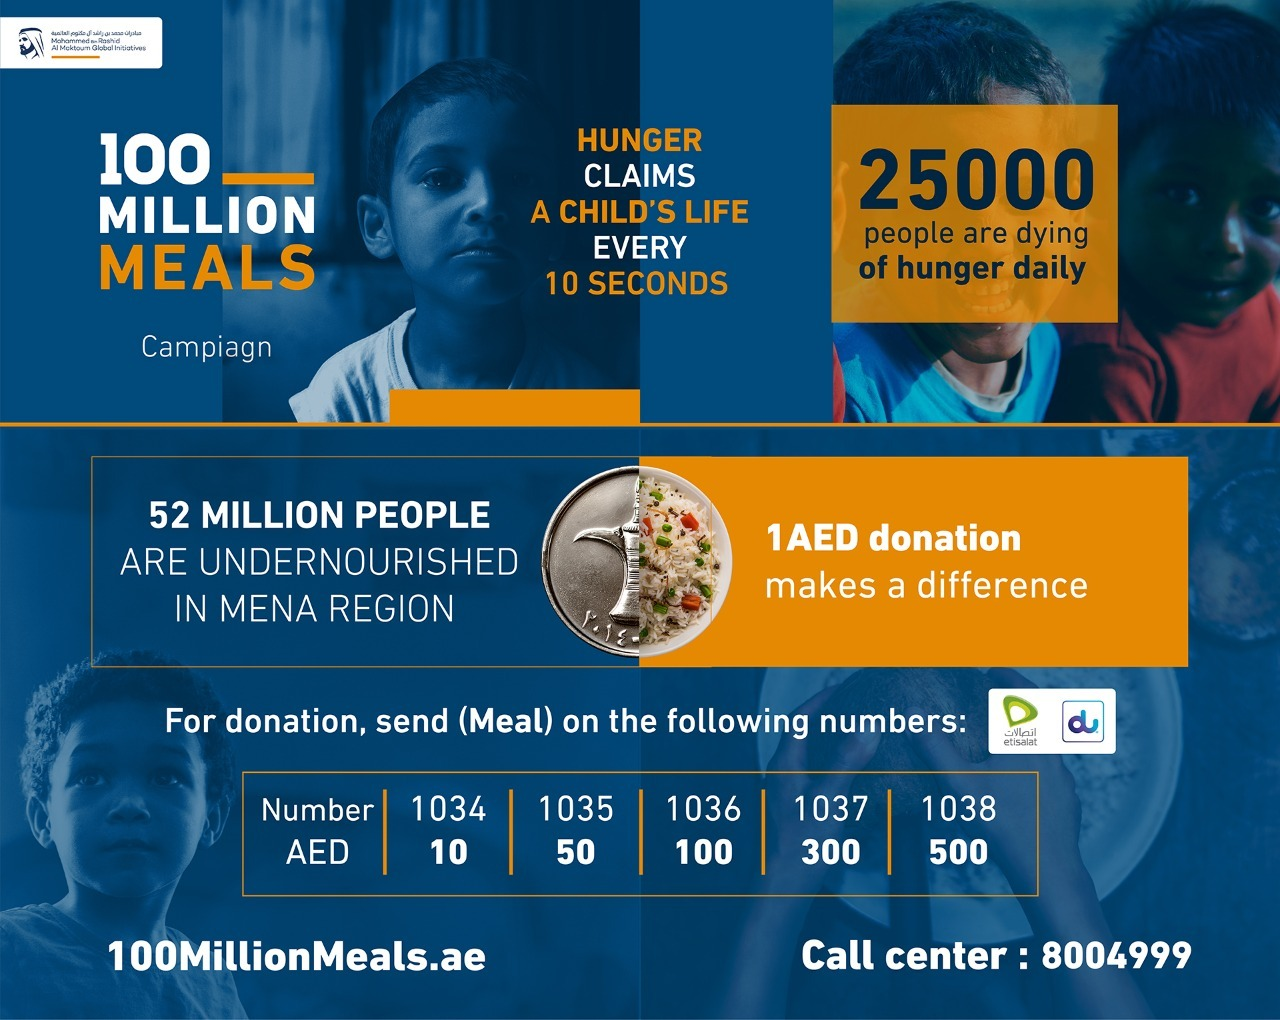 Mois du Ramadan: Le Souverain de Dubaï offre 100 millions de repas à 10 pays africaines - La Voix Des Décideurs